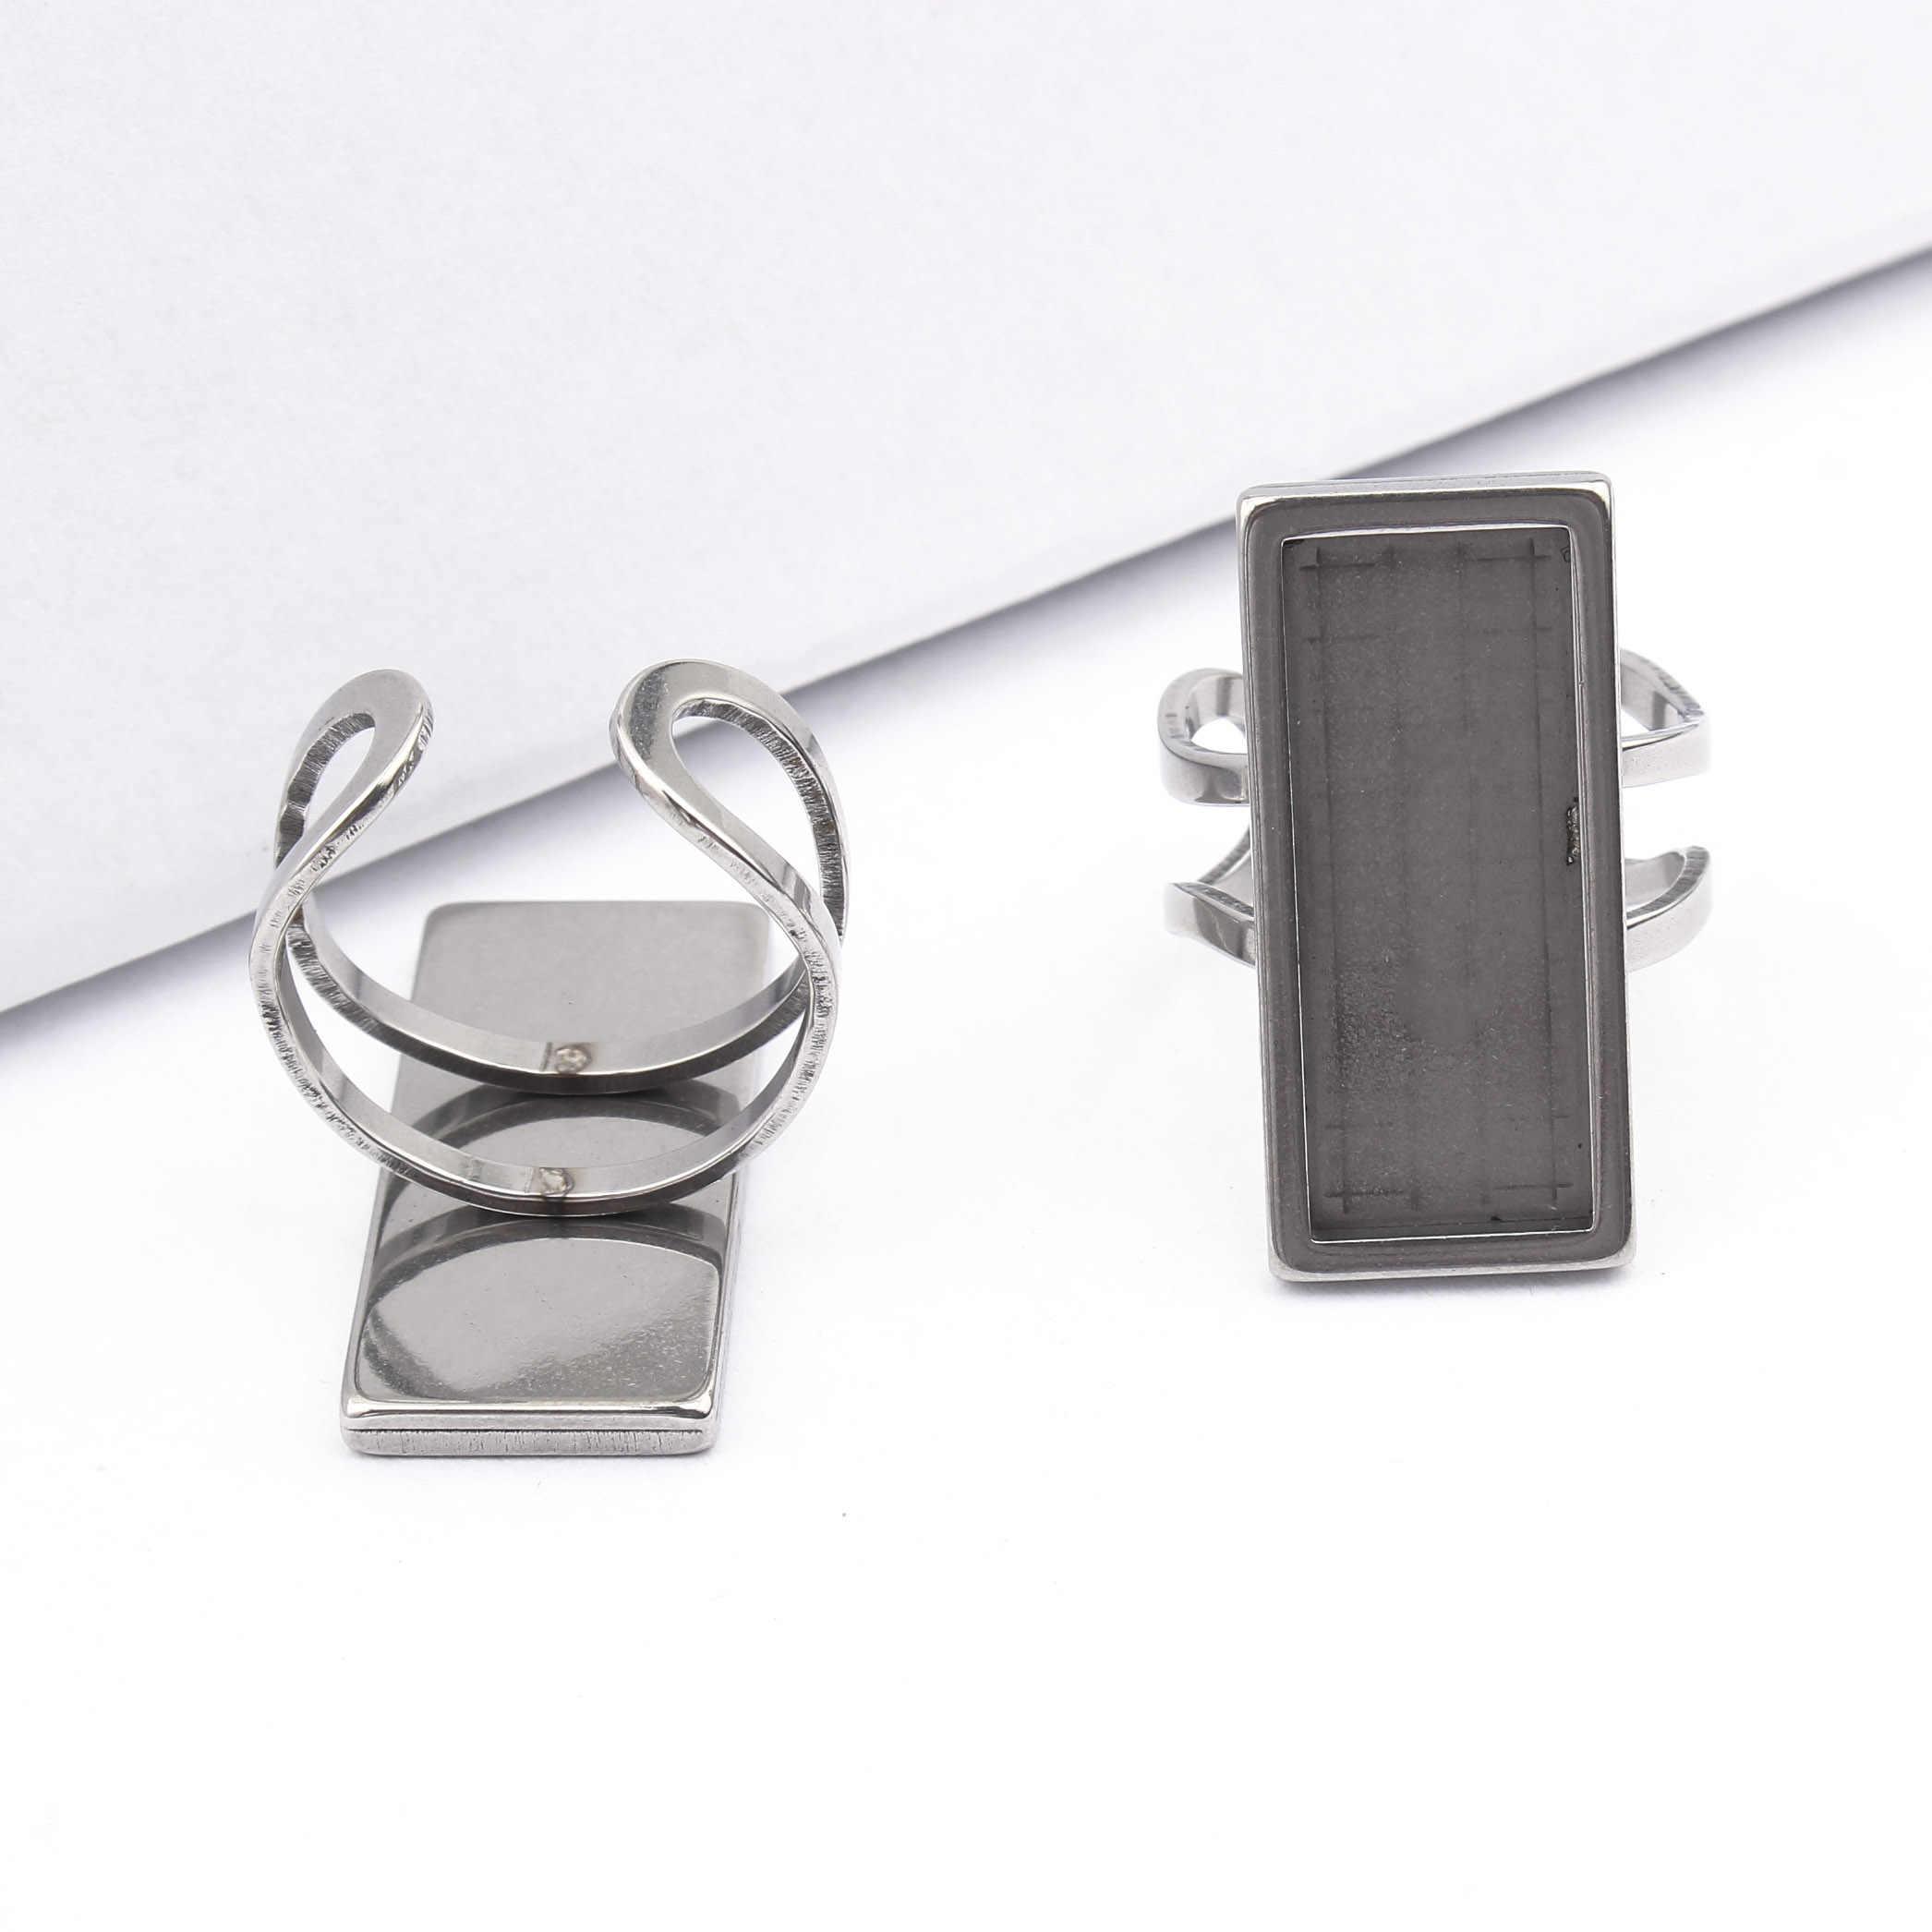 4Pcs נירוסטה קרושון טבעת בסיס Fit 10x25mm מלבן ריק הגדרות לוחות Diy מגשי תכשיטי ביצוע ממצאי מתכוונן